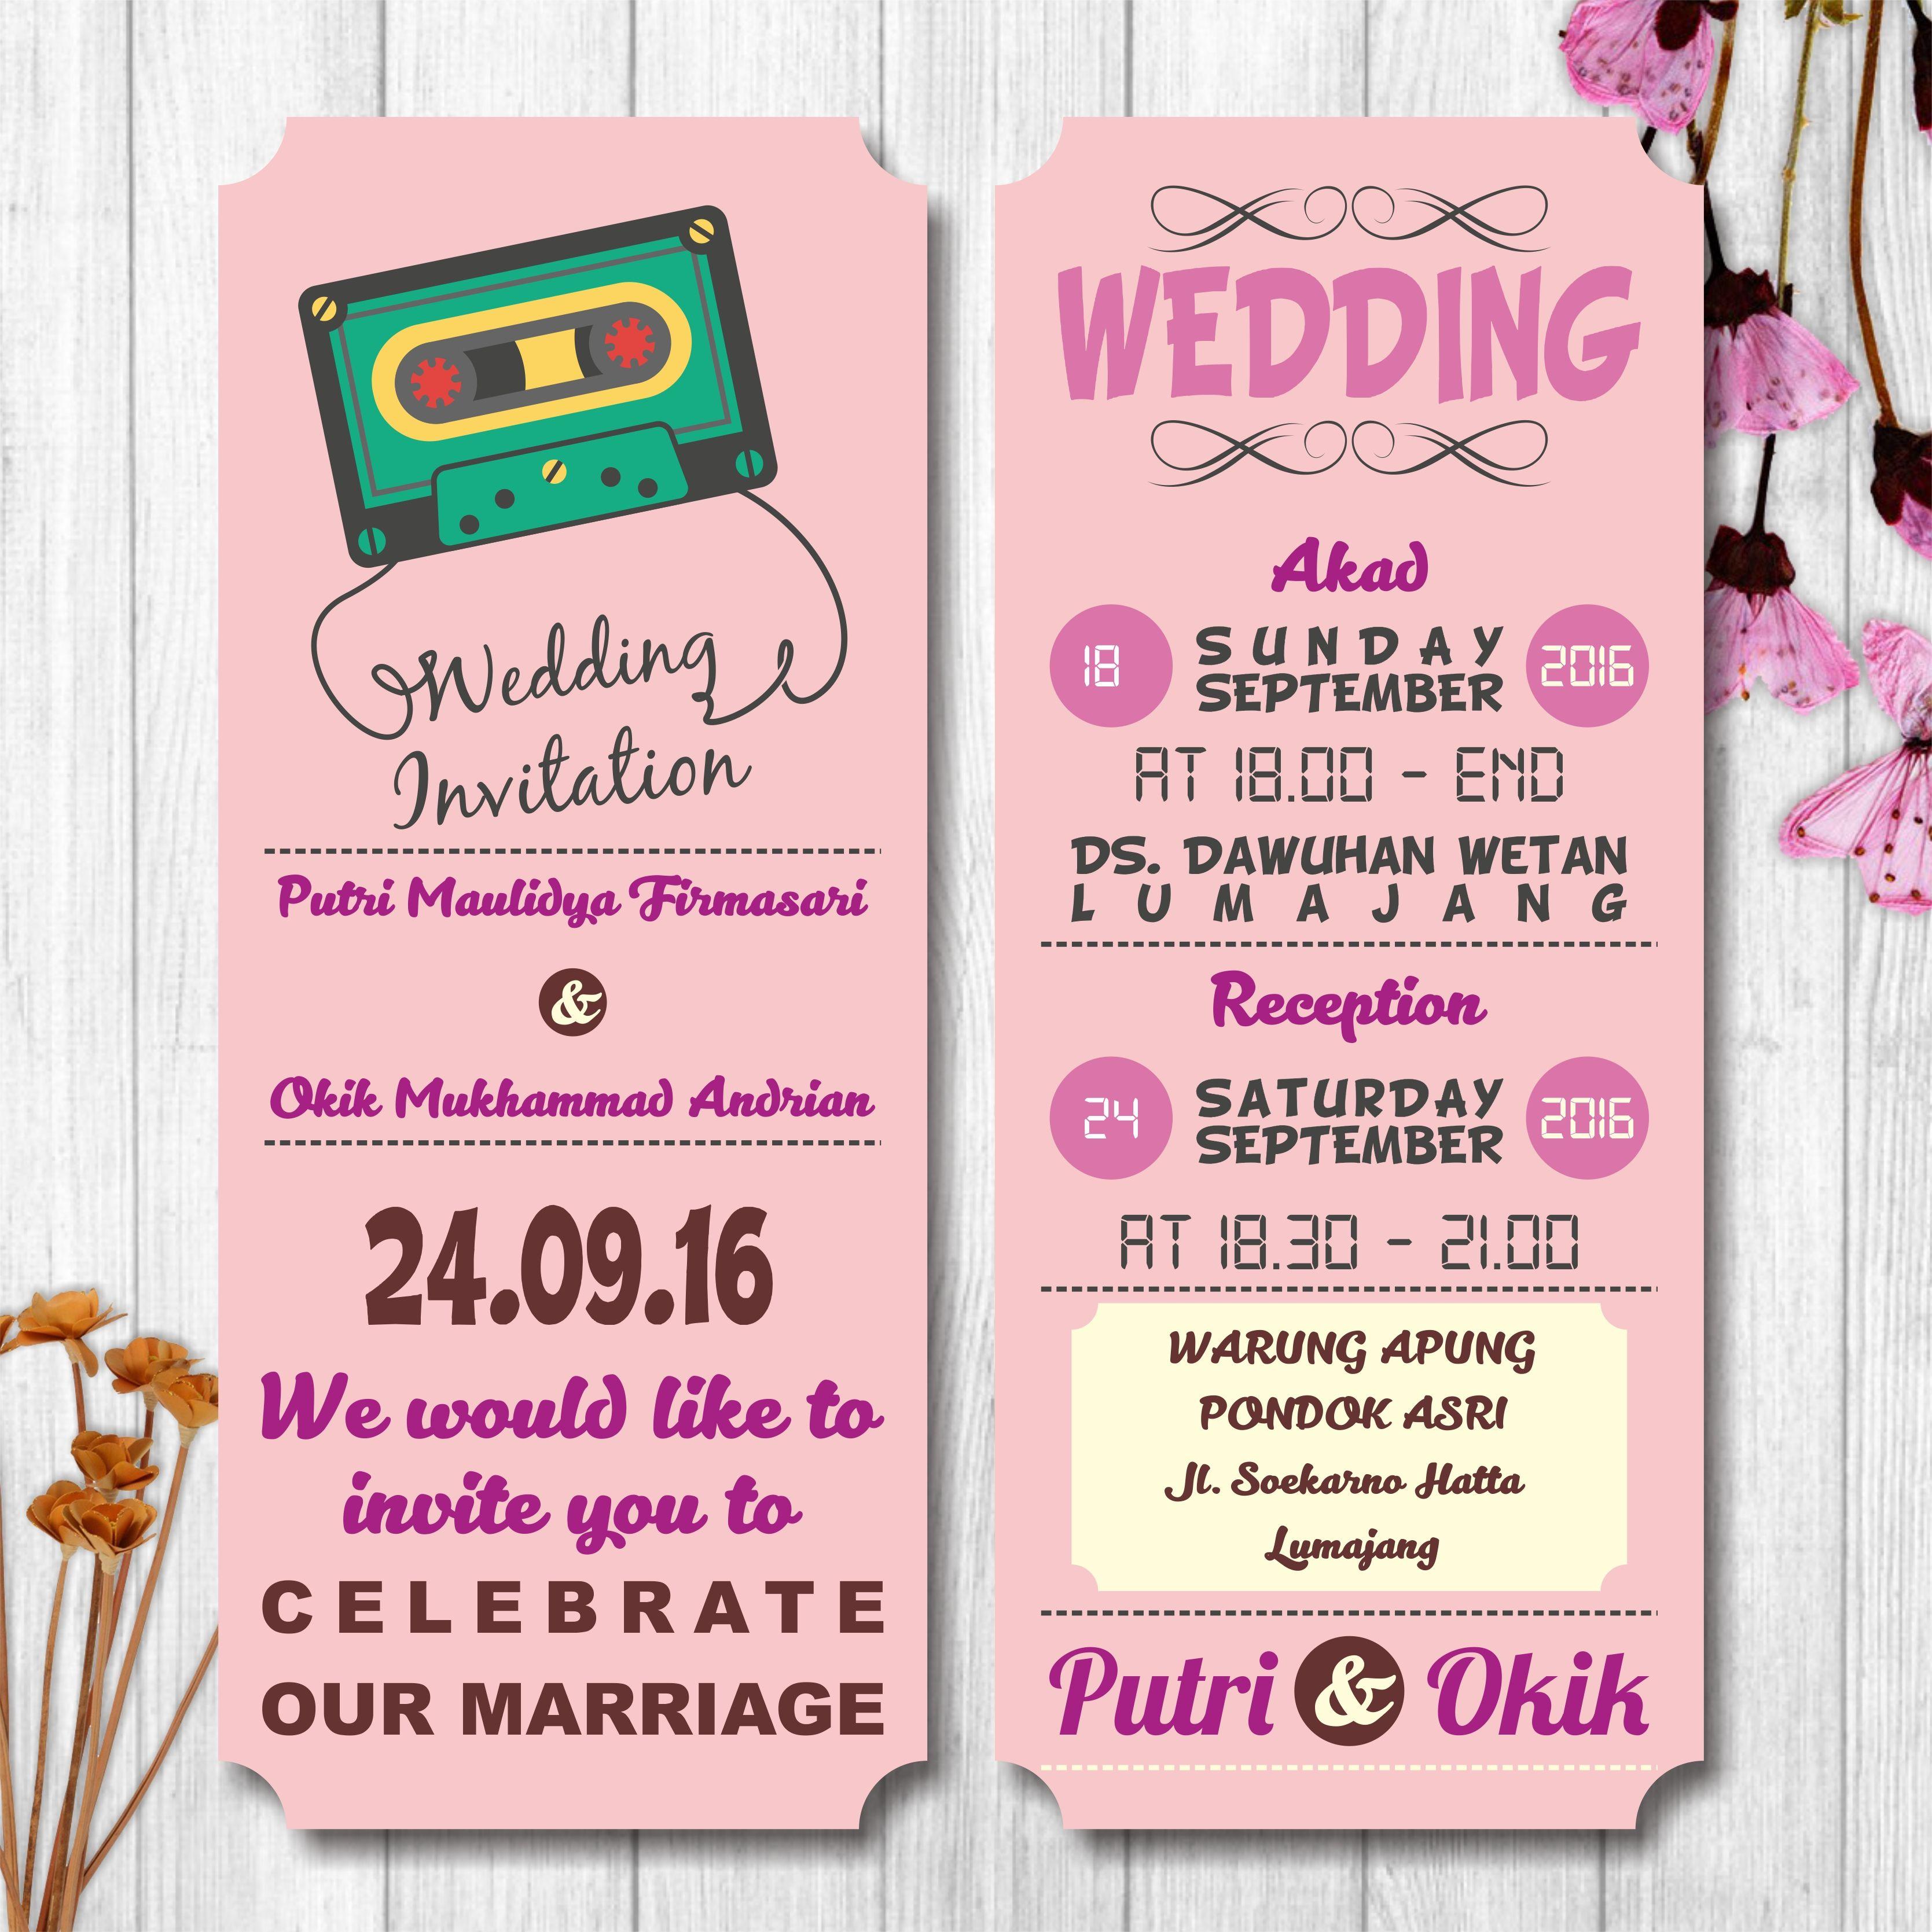 Online wedding invitation, e-invitation, wedding inviation ...